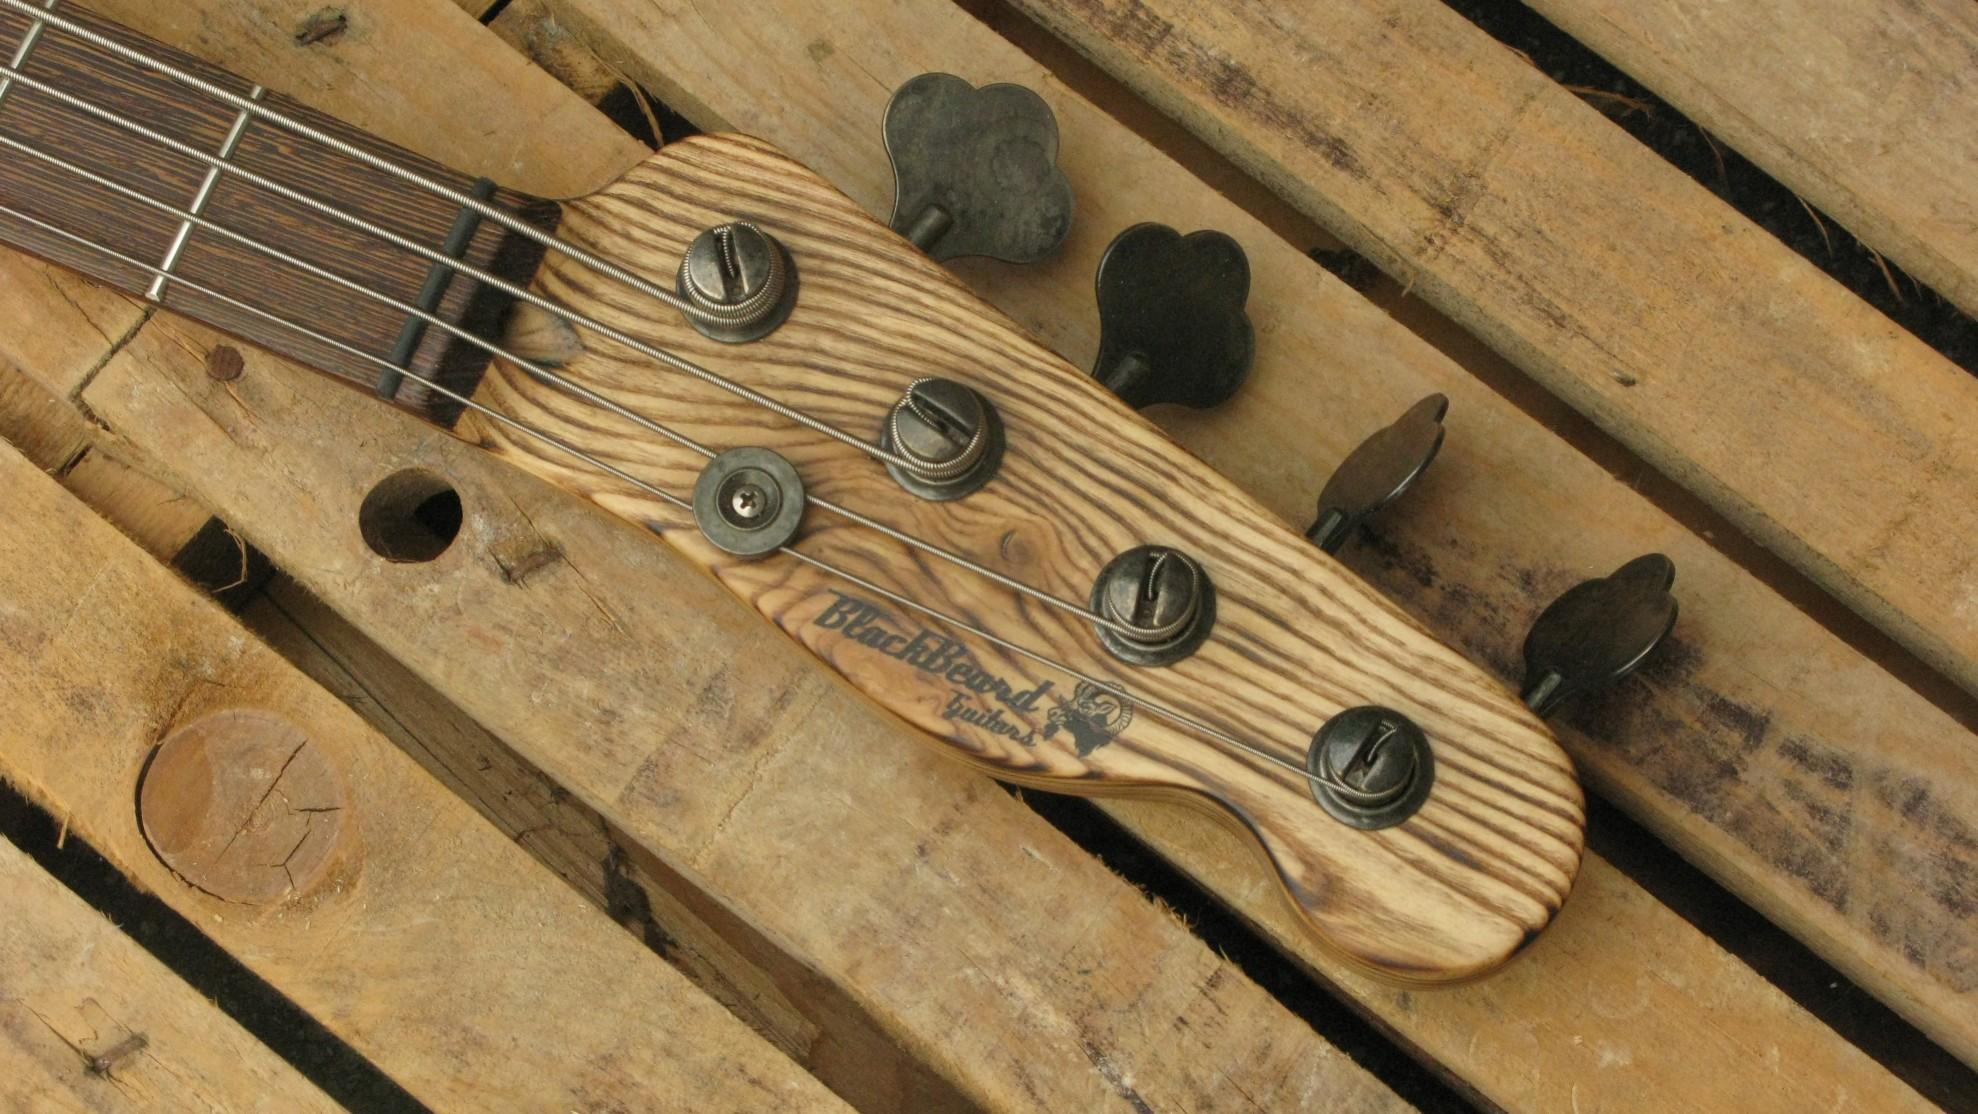 Paletta in frassino di un bassoTelecaster di liuteria